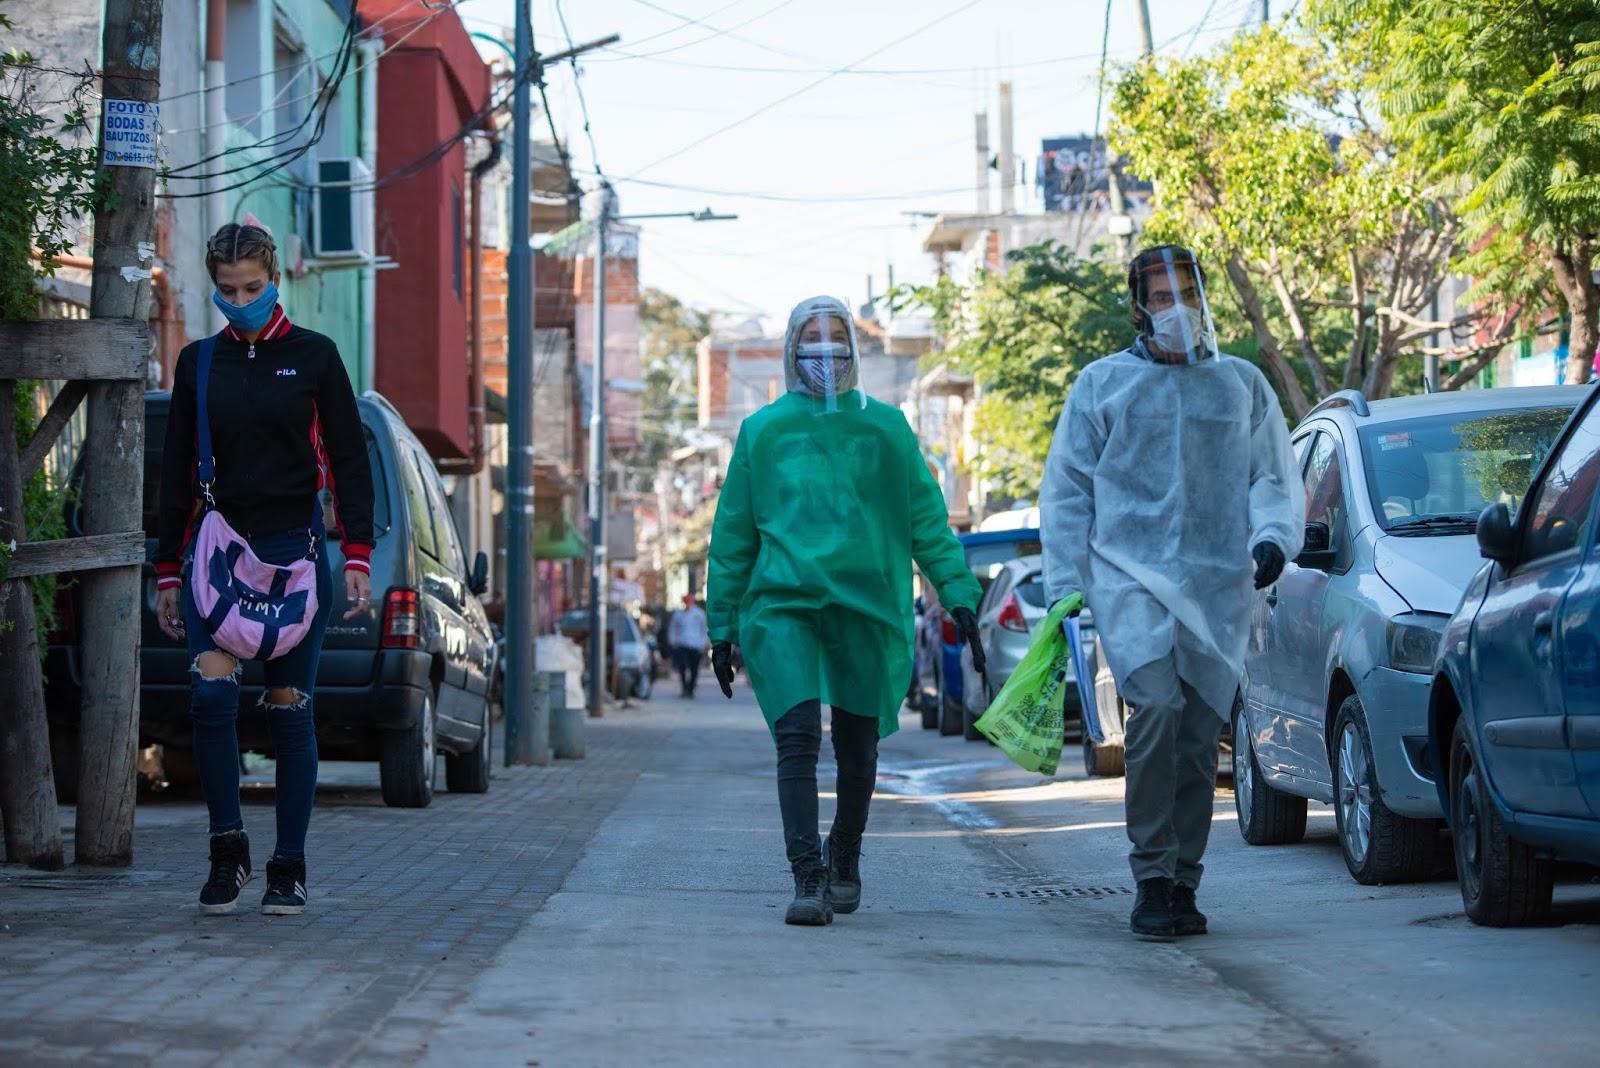 El peor día de la pandemia en Argentina: 13 muertos y 648 nuevos contagios de coronavirus en las últimas 24 horas